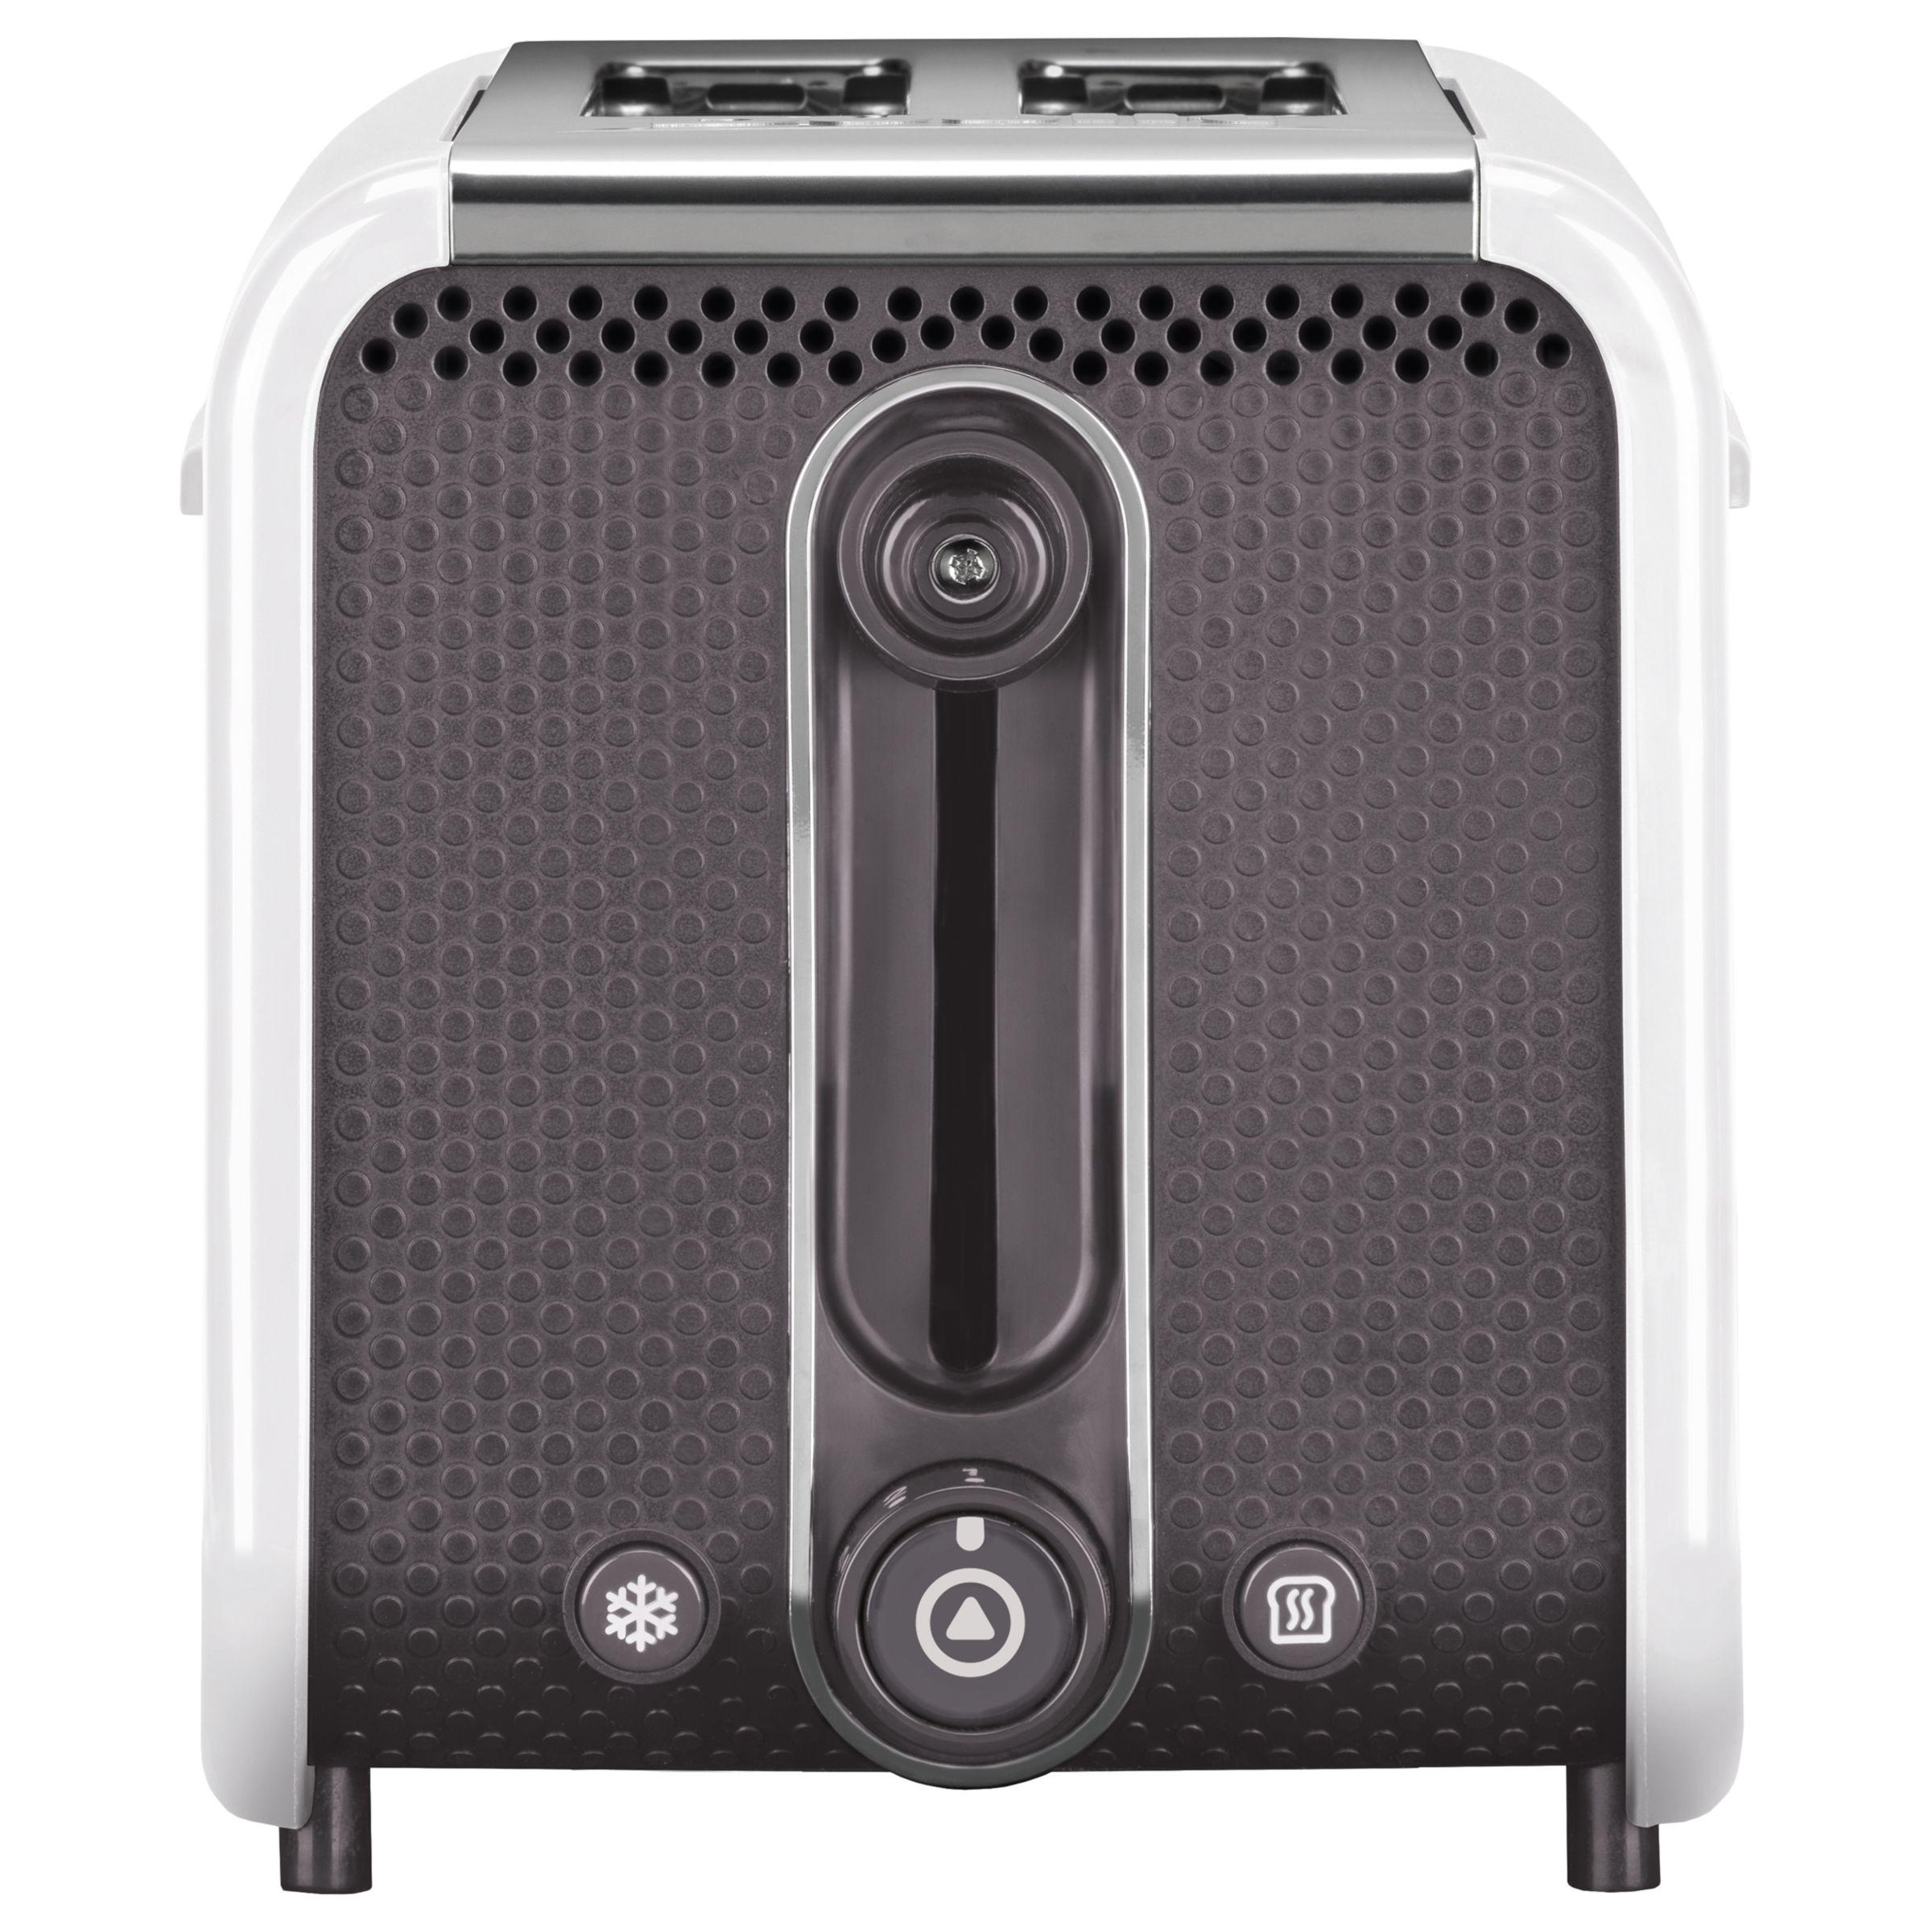 Dualit Dualit Studio 2-Slice Toaster